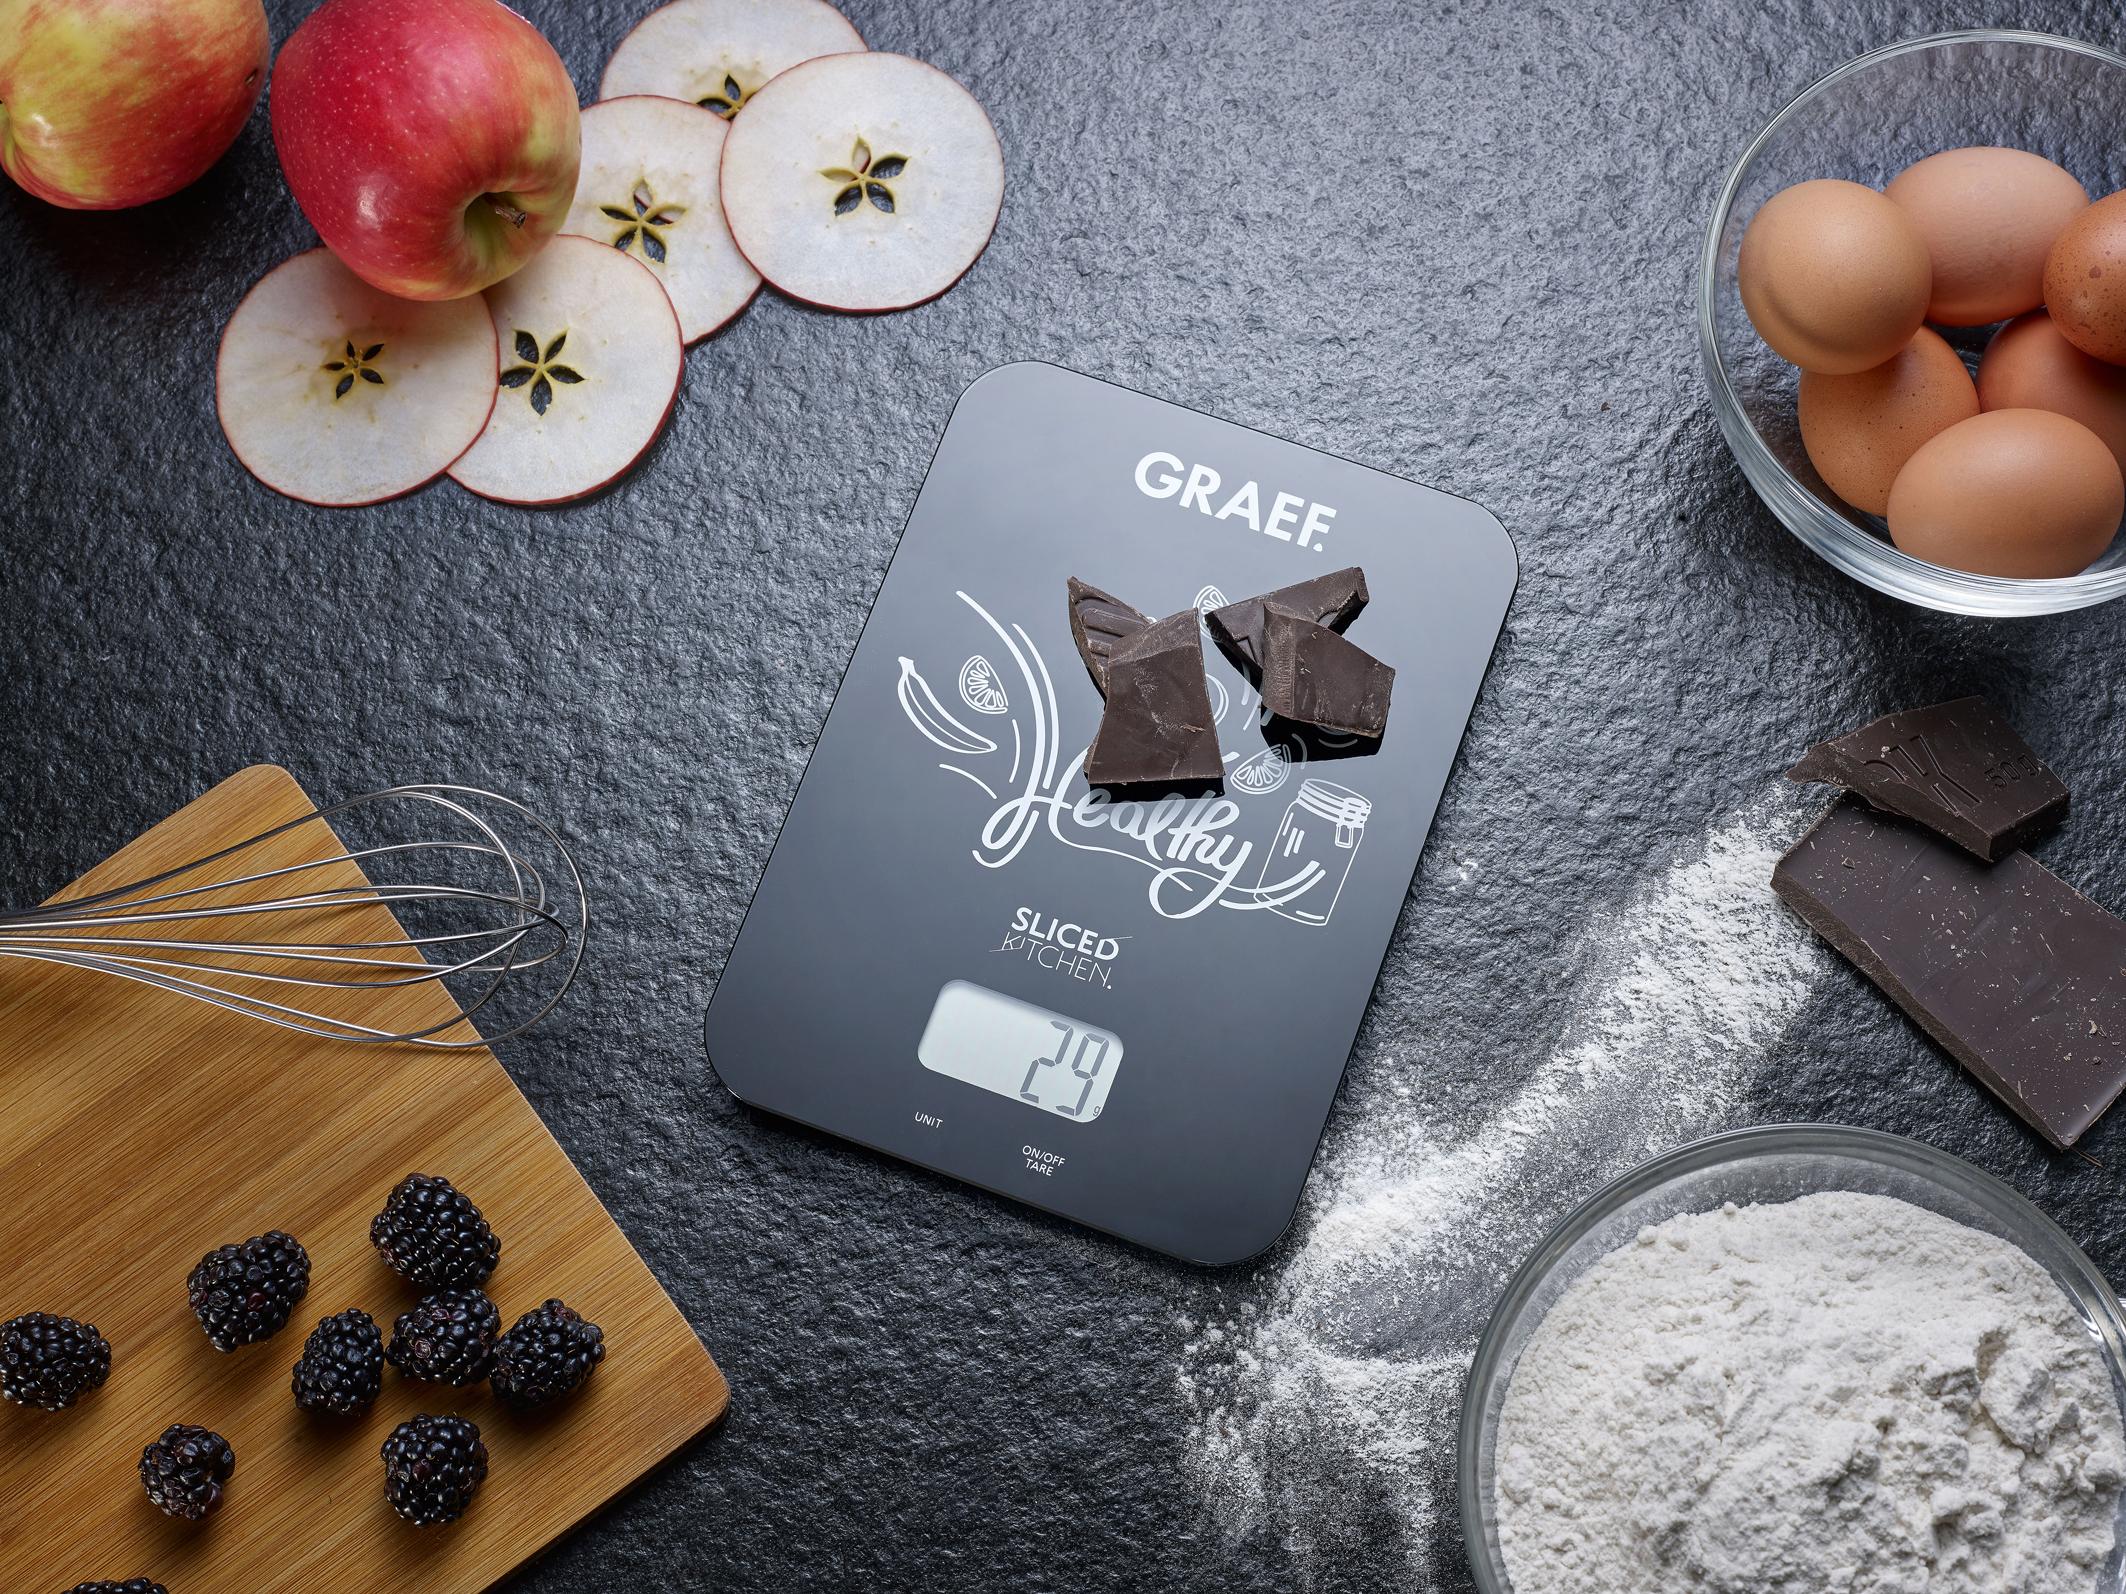 Präzision im kreativen Design: Die neue GRAEF Küchenwaage